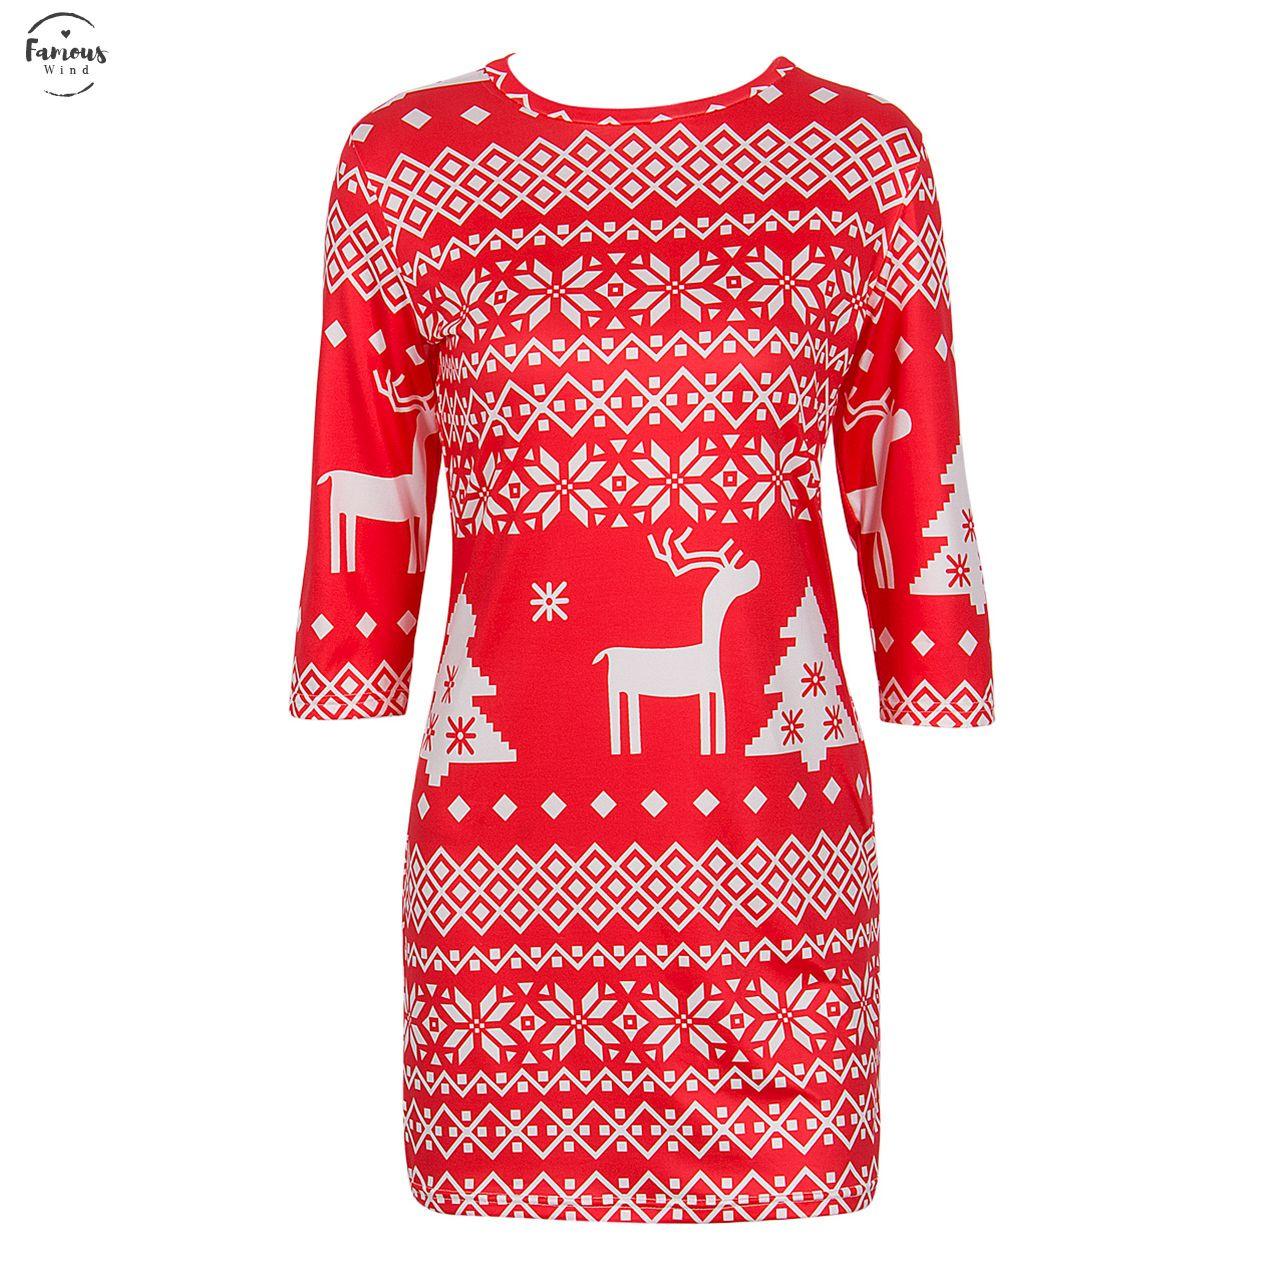 نساء شتاء خريفيات جذابات يلبسن ملابس Bodycon Slim Fashion Party Mini Dress Women Christmas Clothes S L Xl Xxl